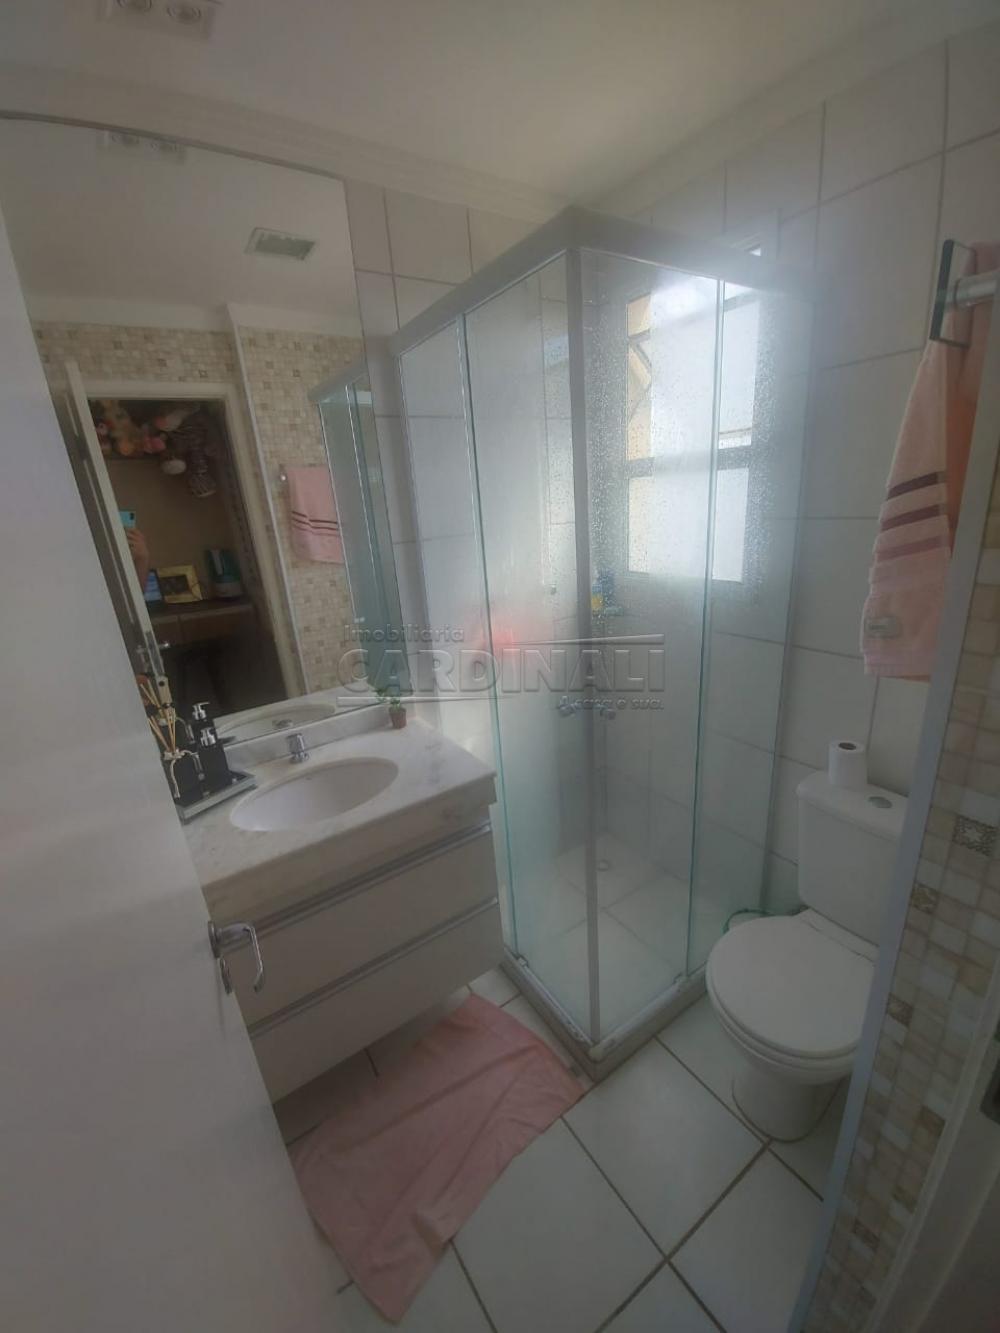 Comprar Apartamento / Padrão em São Carlos R$ 309.000,00 - Foto 7